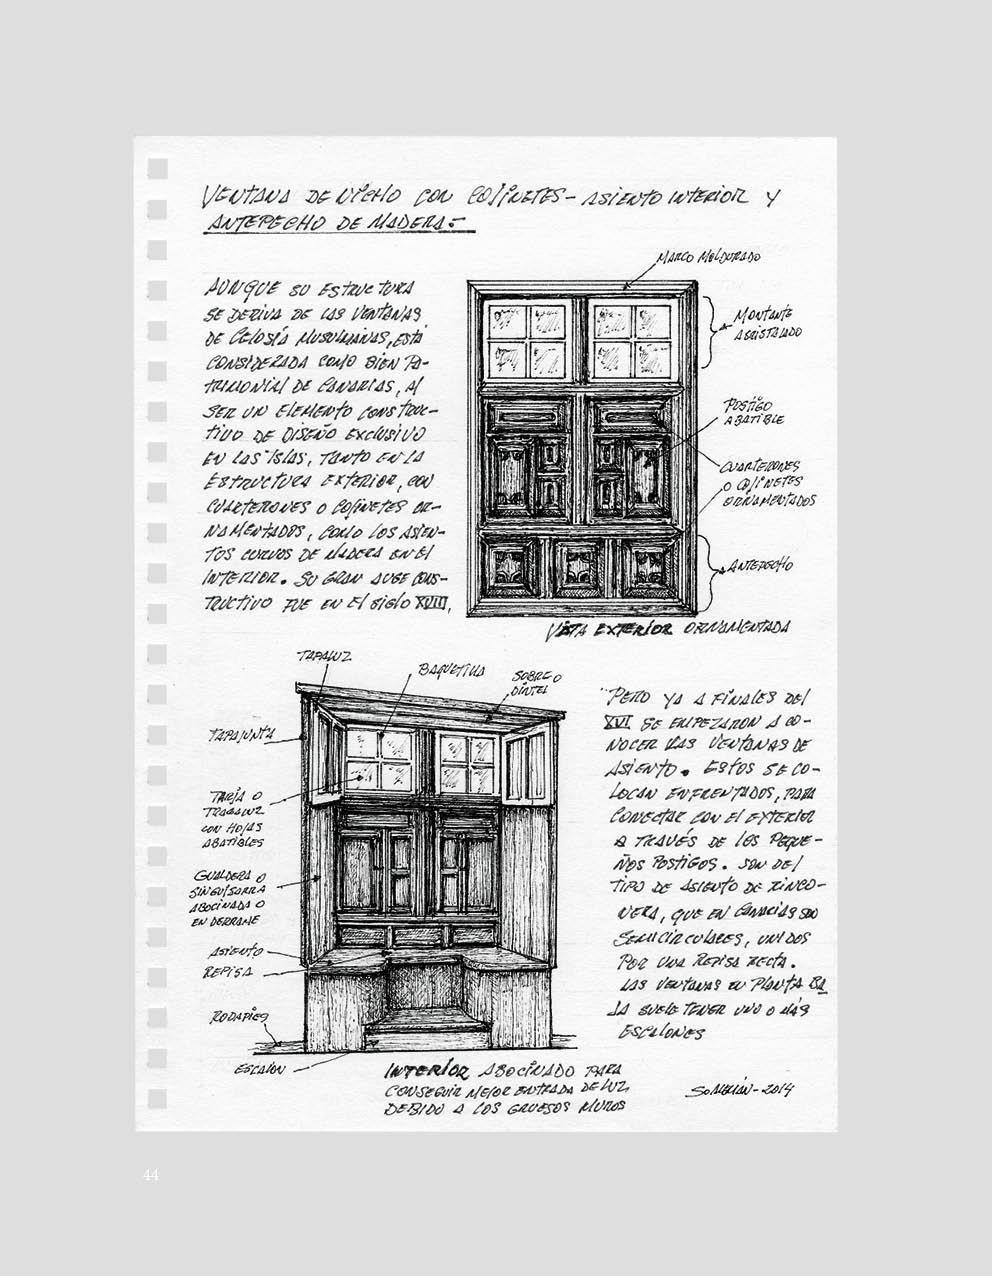 09 Libro S-Aleman 44.jpg